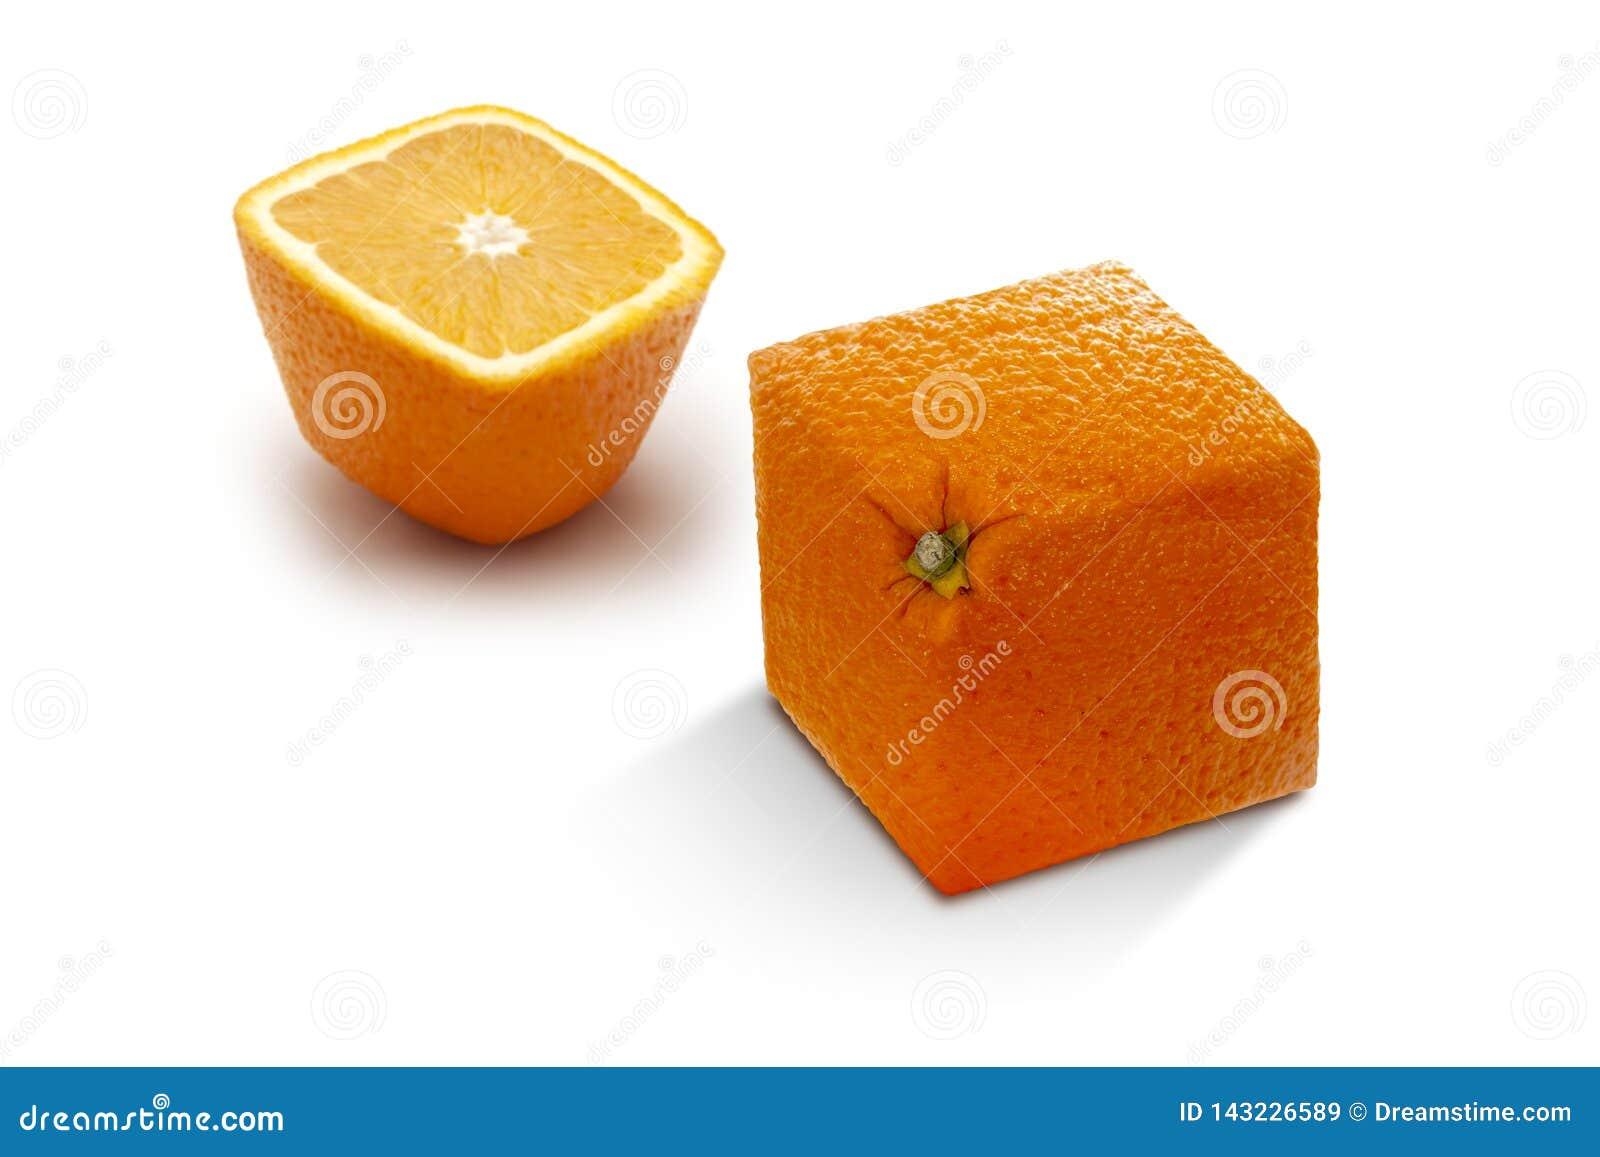 Δύο ψαρευμένα ώριμα πορτοκάλια σε ένα άσπρο υπόβαθρο